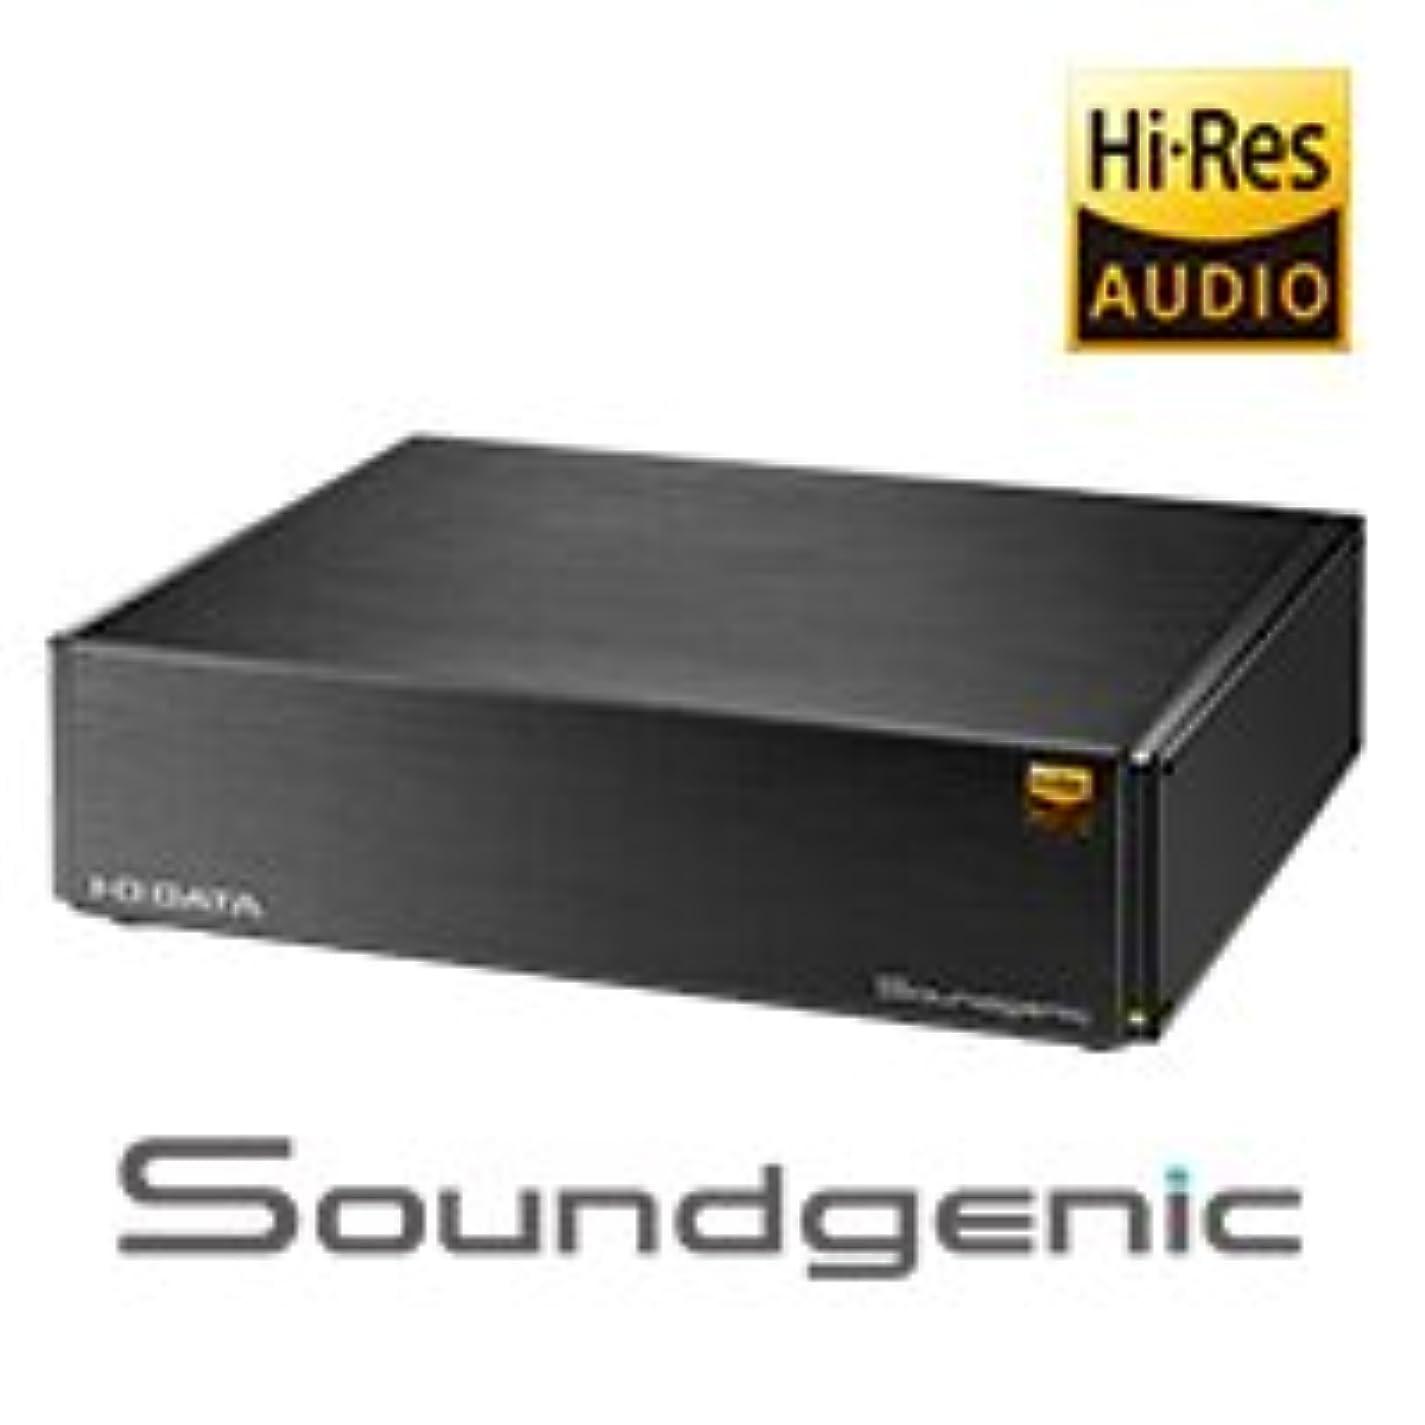 ピアノを弾くギャラリーいたずらなIO DATA ネットワークオーディオサーバー Soundgenic RAHF-S1 (1.0TB SSD)